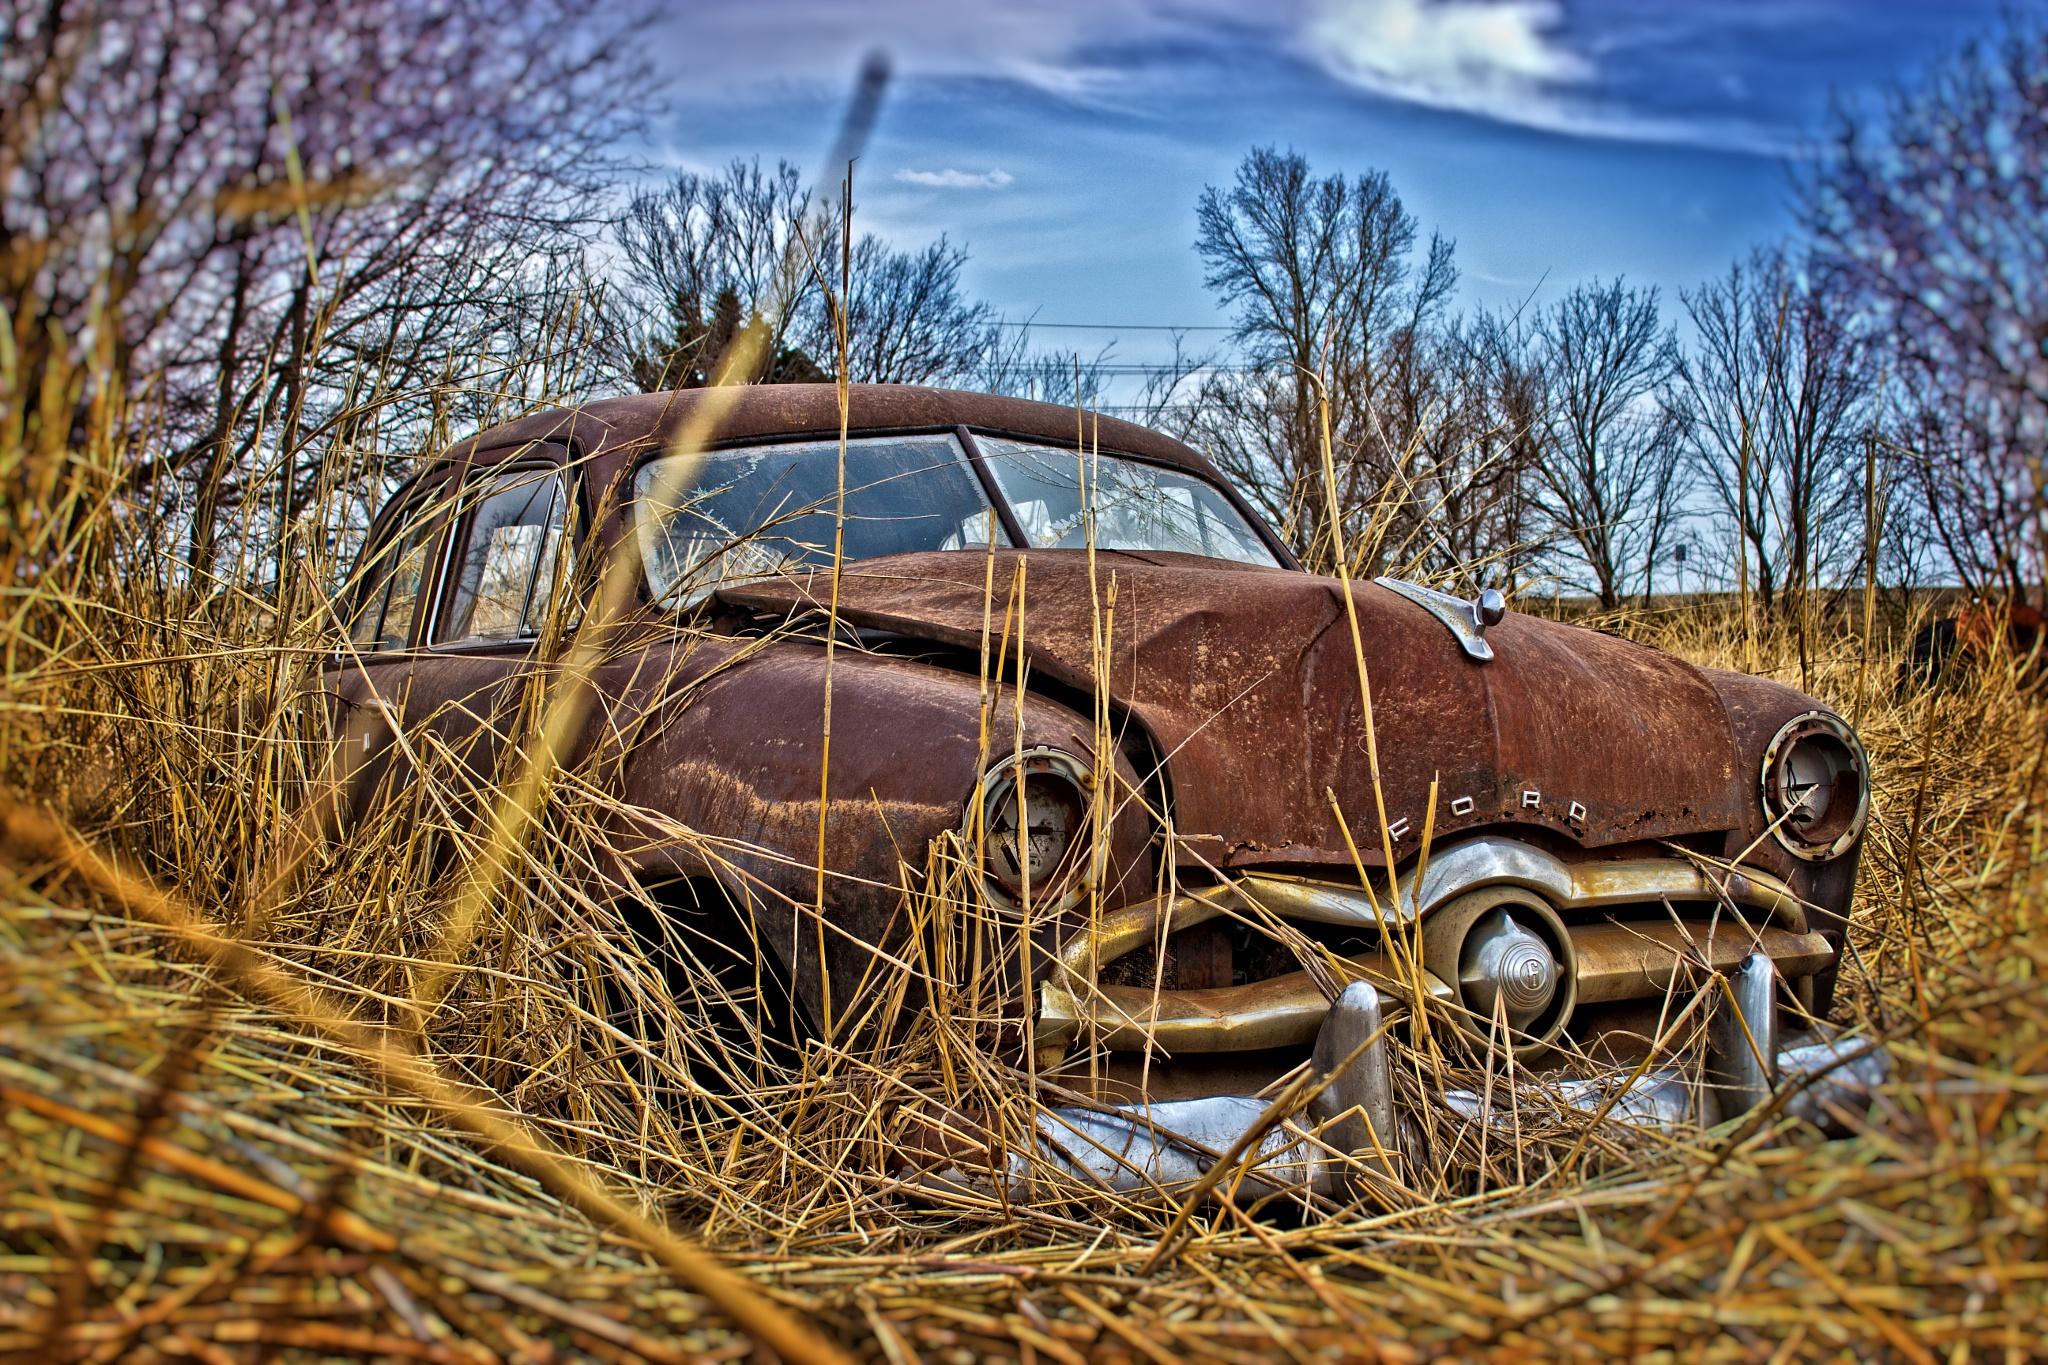 Rusty Ford by kraganderson